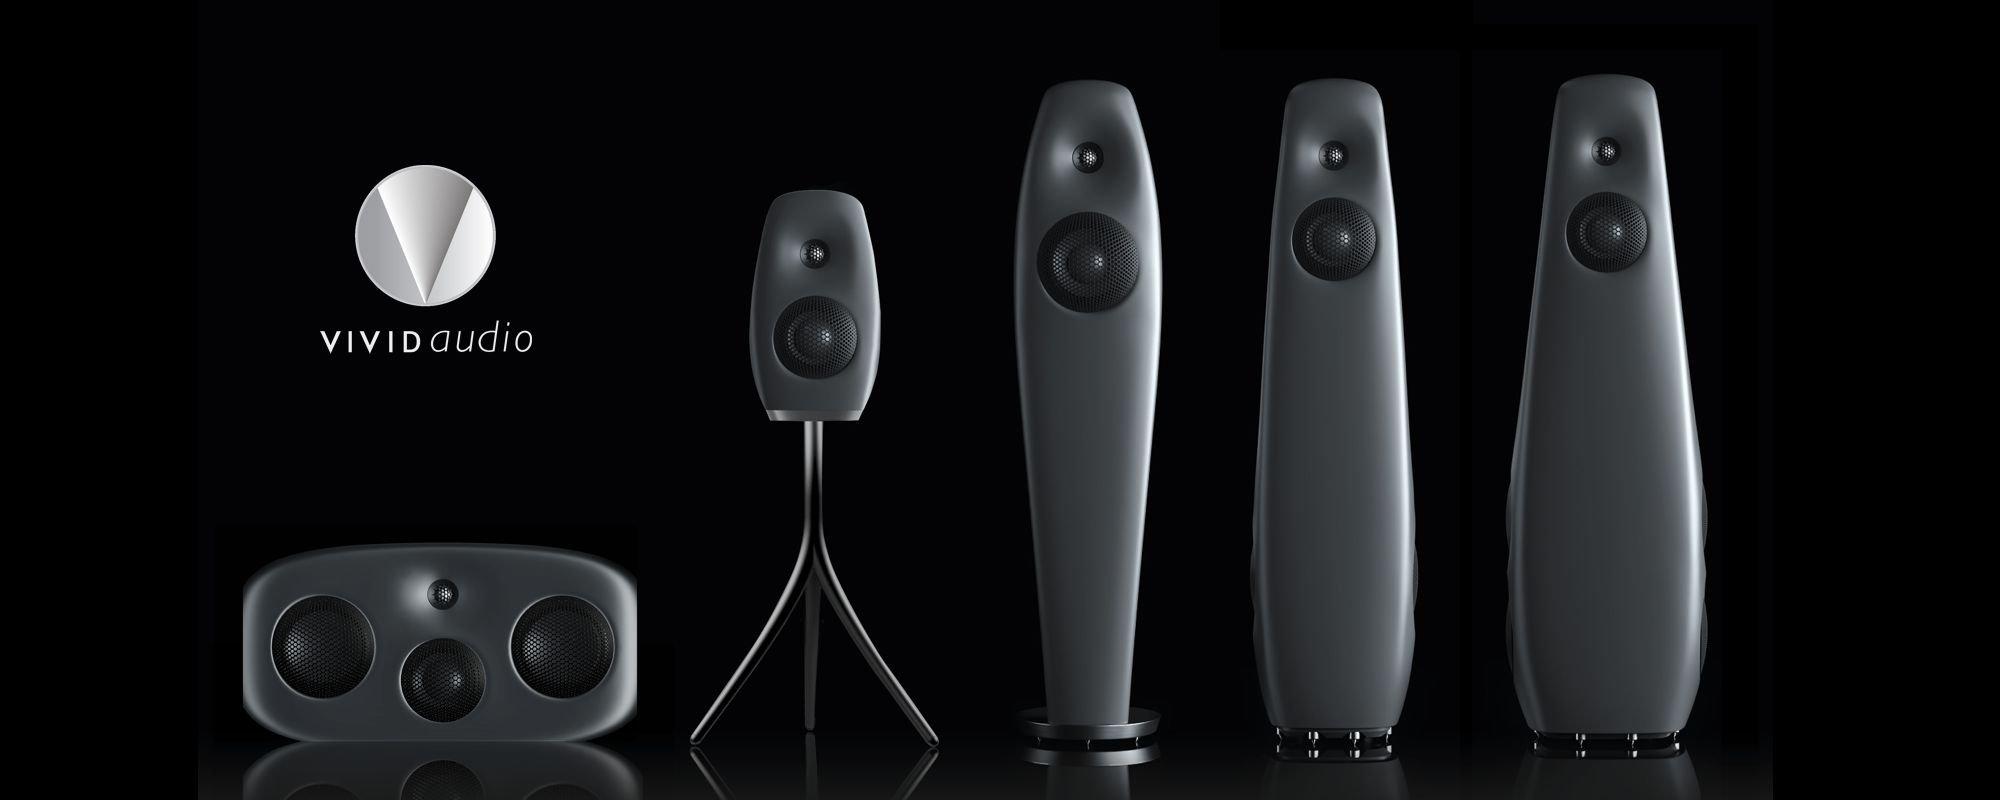 Vivid Audio Lautsprecher Kaya Serie